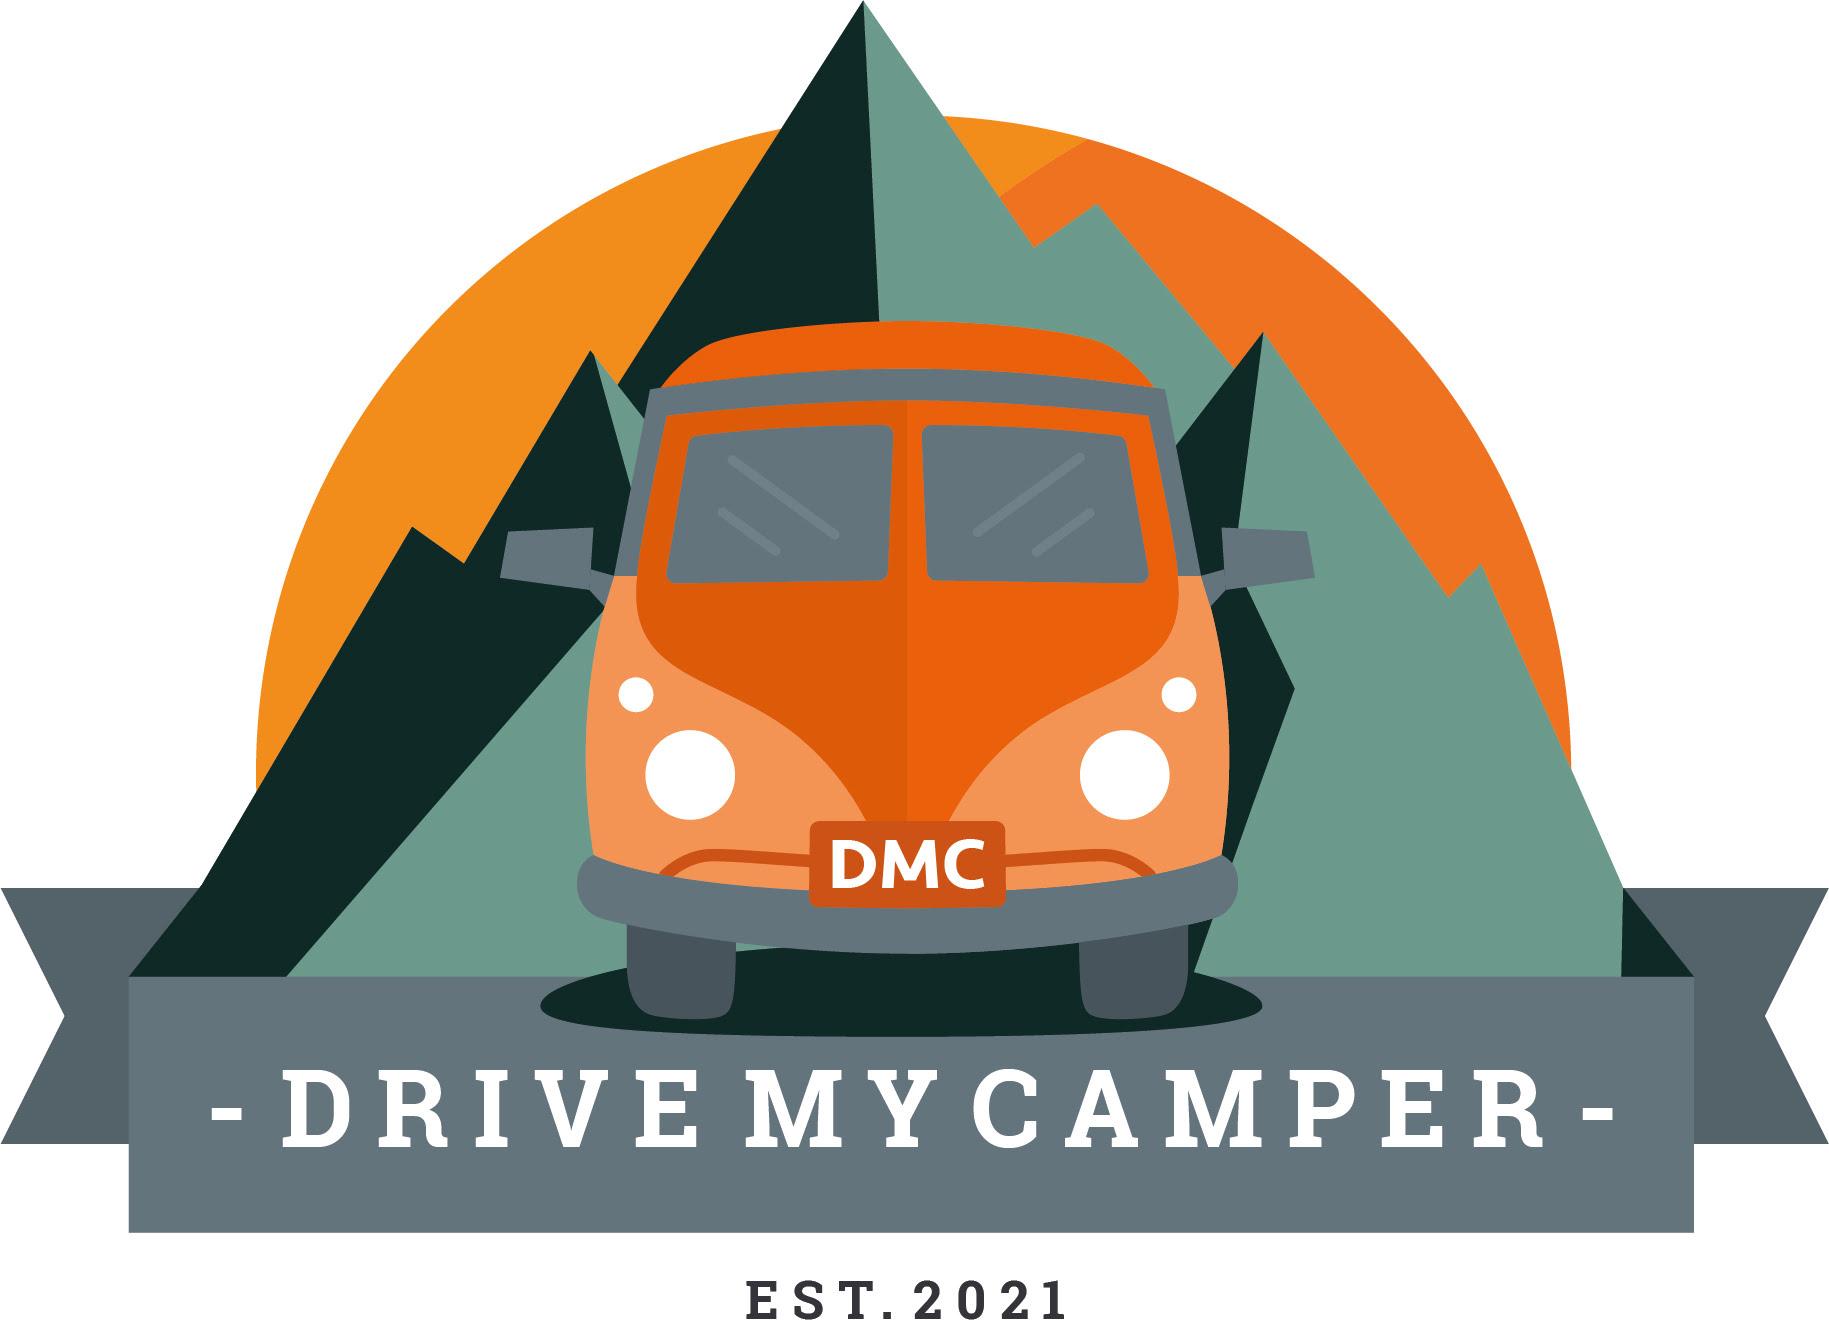 Drive My Camper